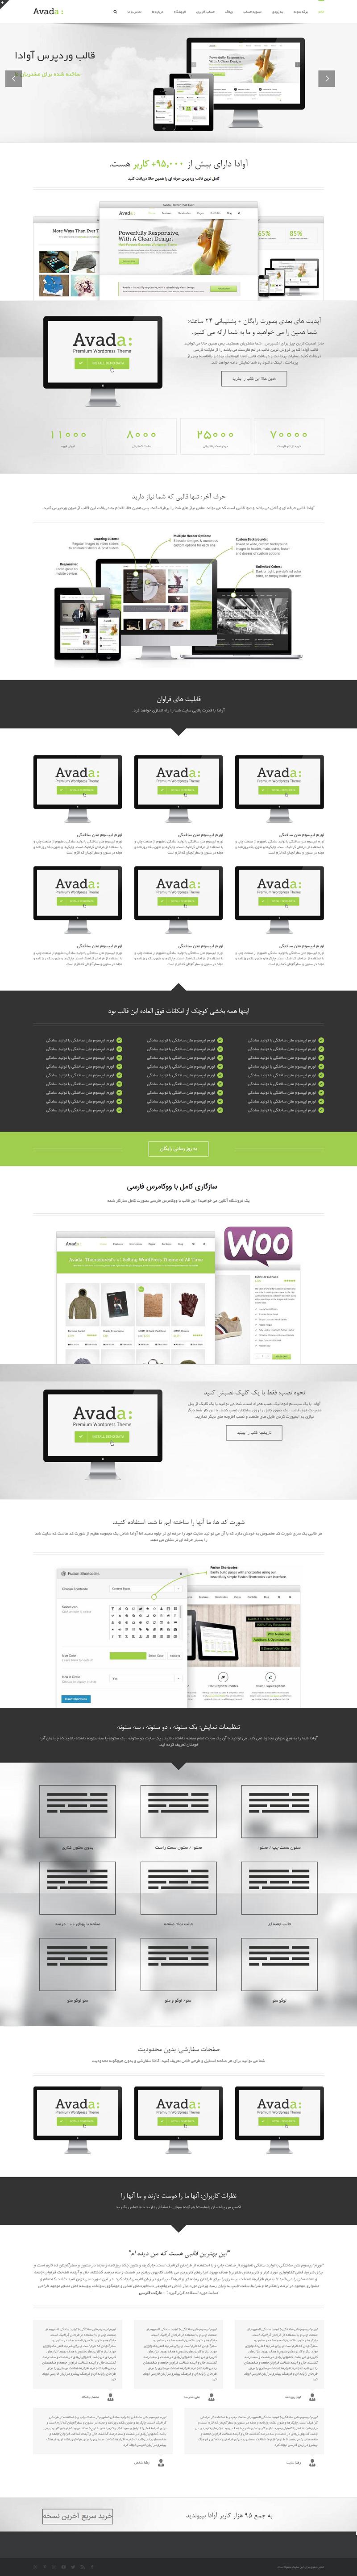 dq2m_avada-screenshot.png